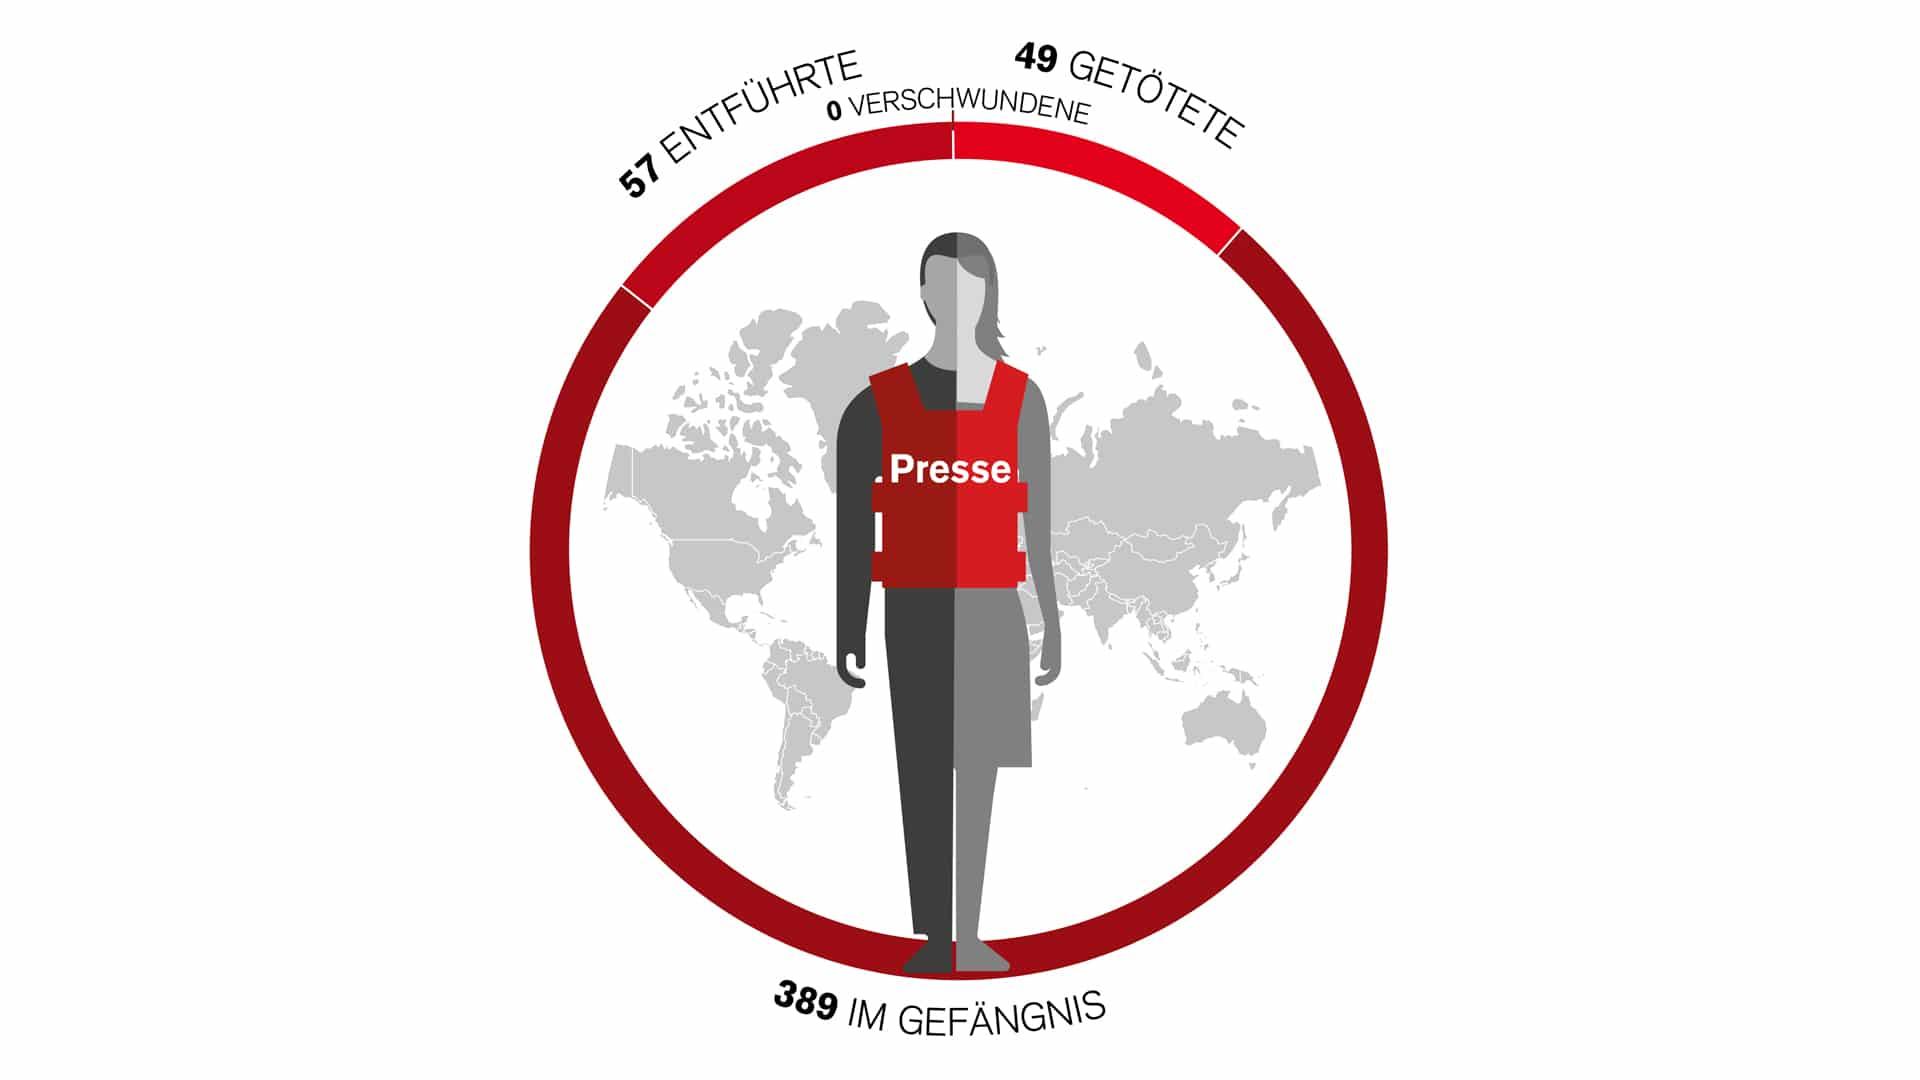 Weltweit saßen zum Stichtag 1. Dezember 389 Medienschaffende wegen ihrer journalistischen Tätigkeit im Gefängnis, 57 wurden entführt und 49 getötet